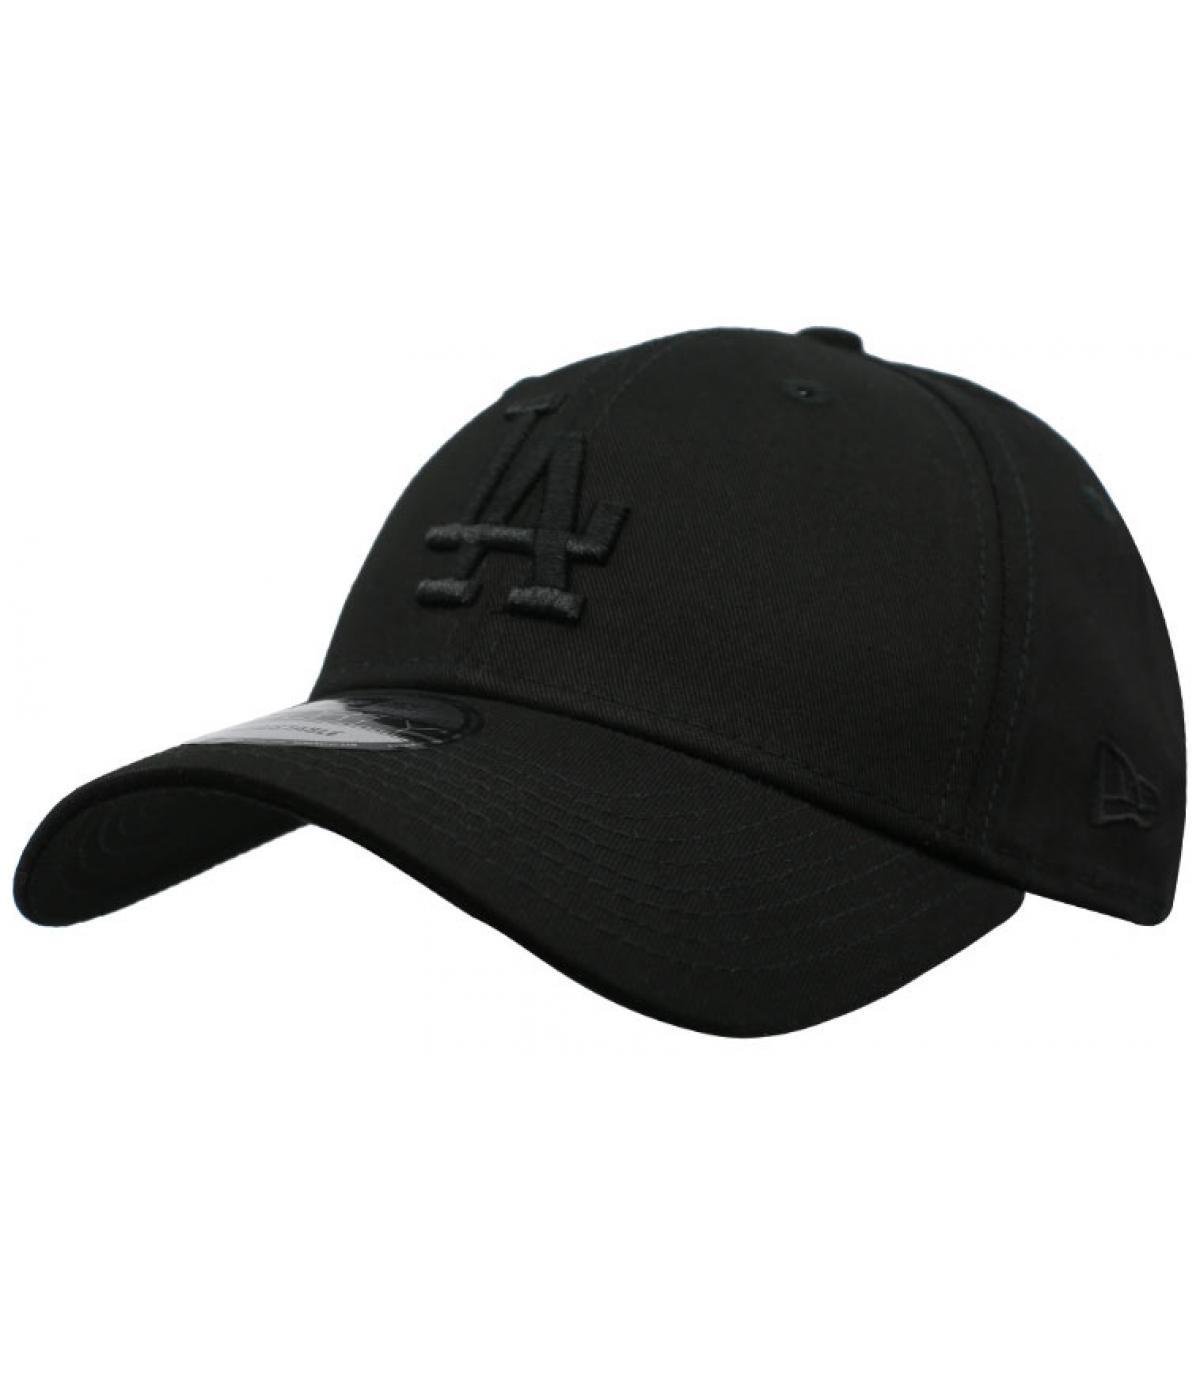 black LA cap New Era